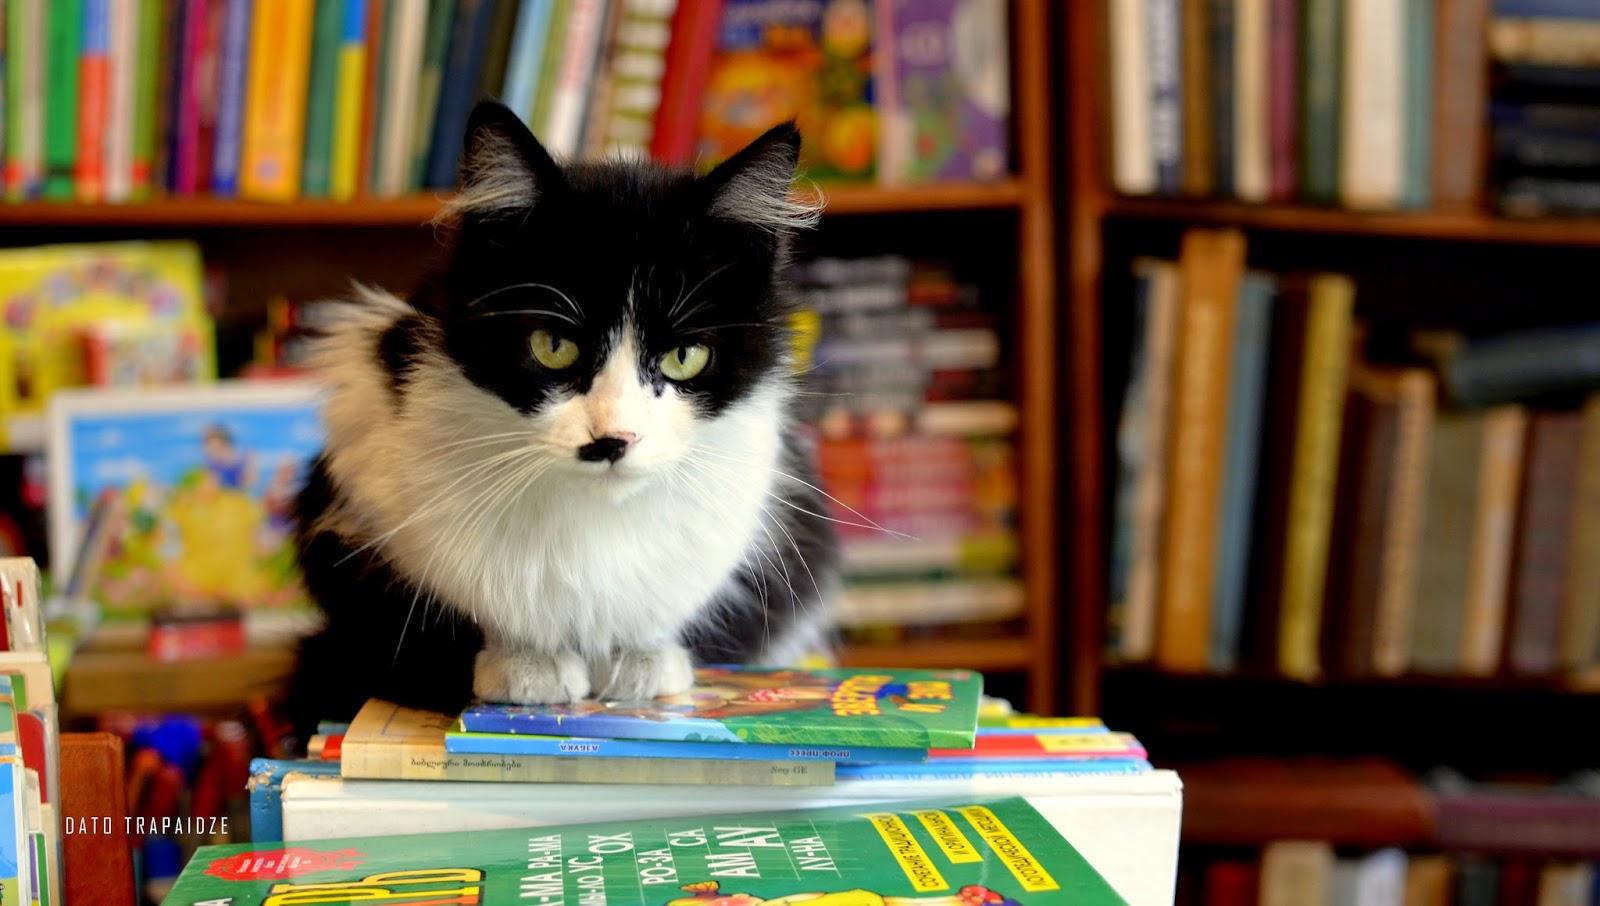 წიგნები ბათუმში და მეცნიერი კატა